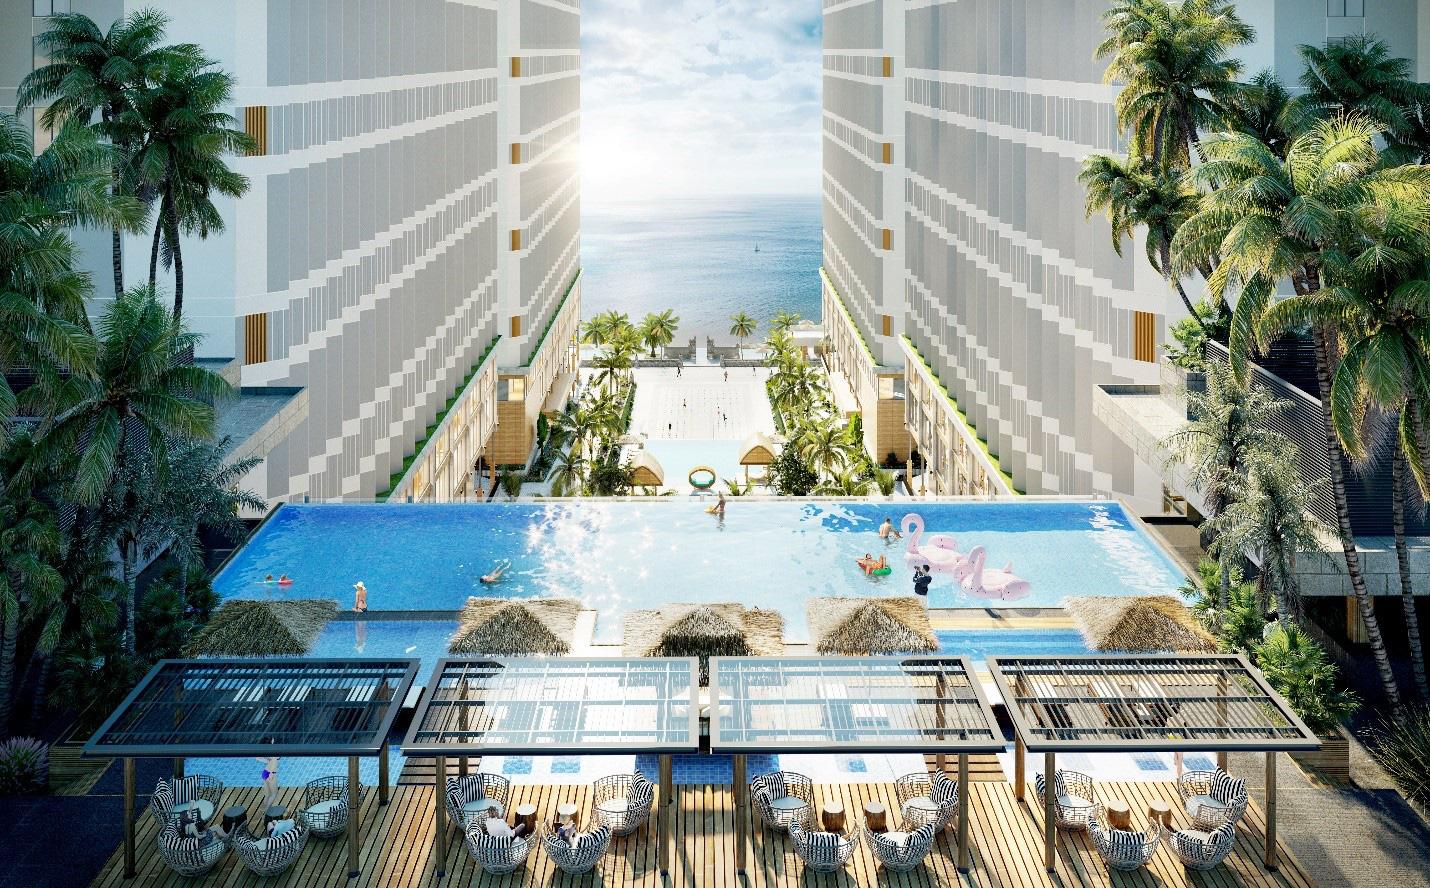 Apec Mandala Holiday – Giấc mơ nghỉ dưỡng 5 sao mới cho người Việt - Ảnh 1.